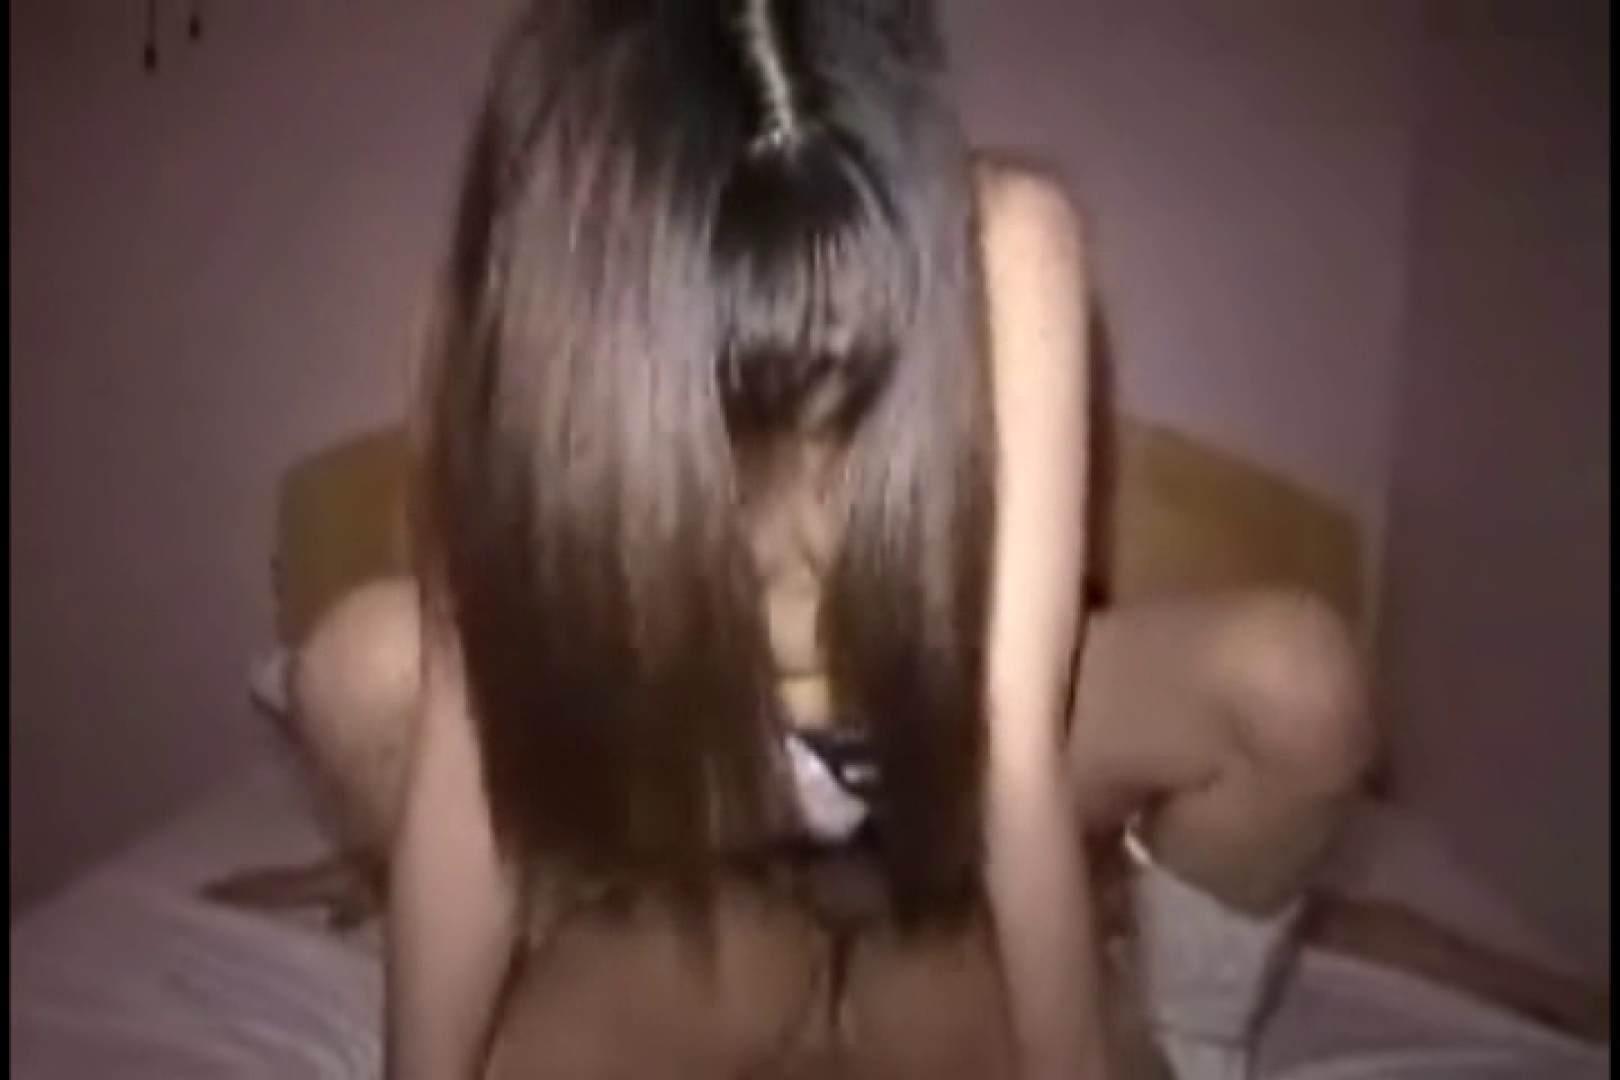 コリアン素人流出シリーズ ラブホテル援交ハメ撮り映像流出 ラブホテル  109連発 30